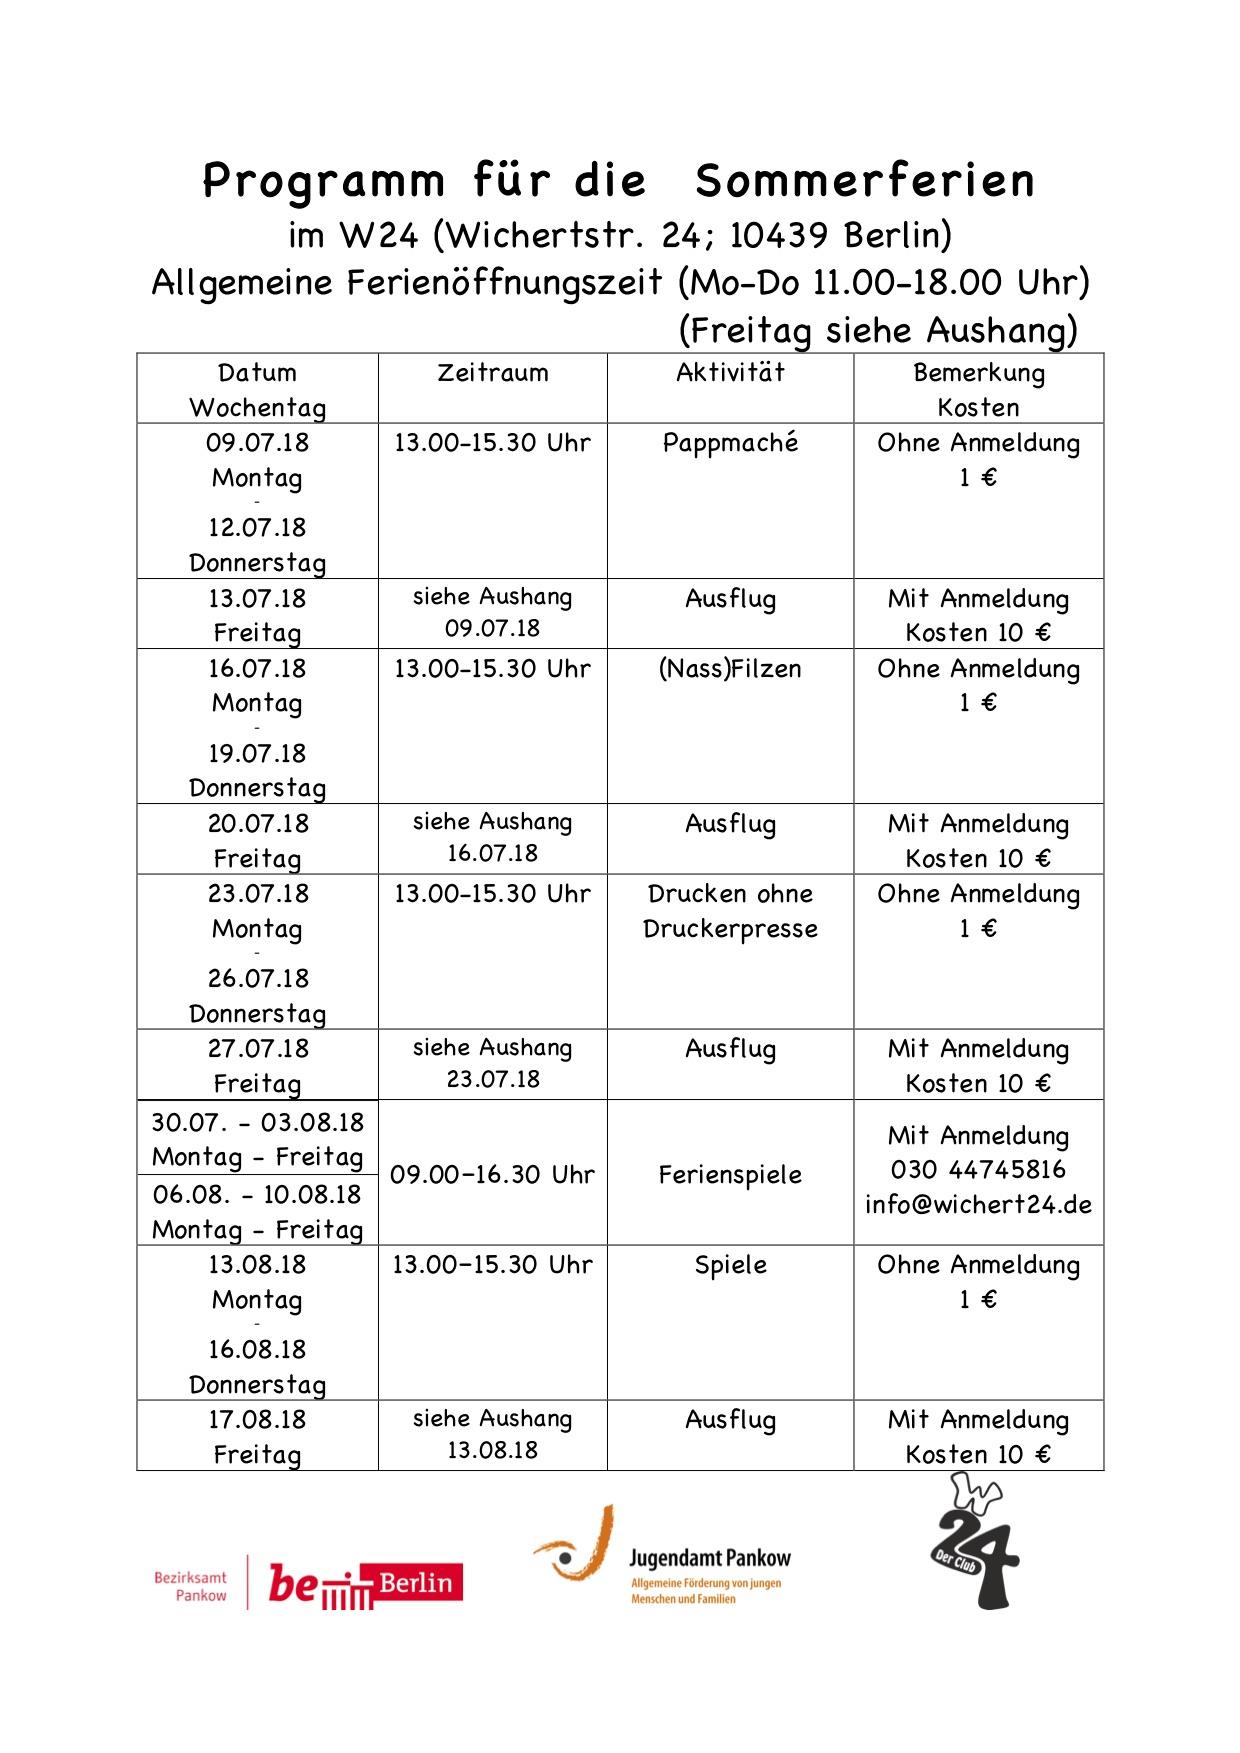 Programm für die Sommerferien